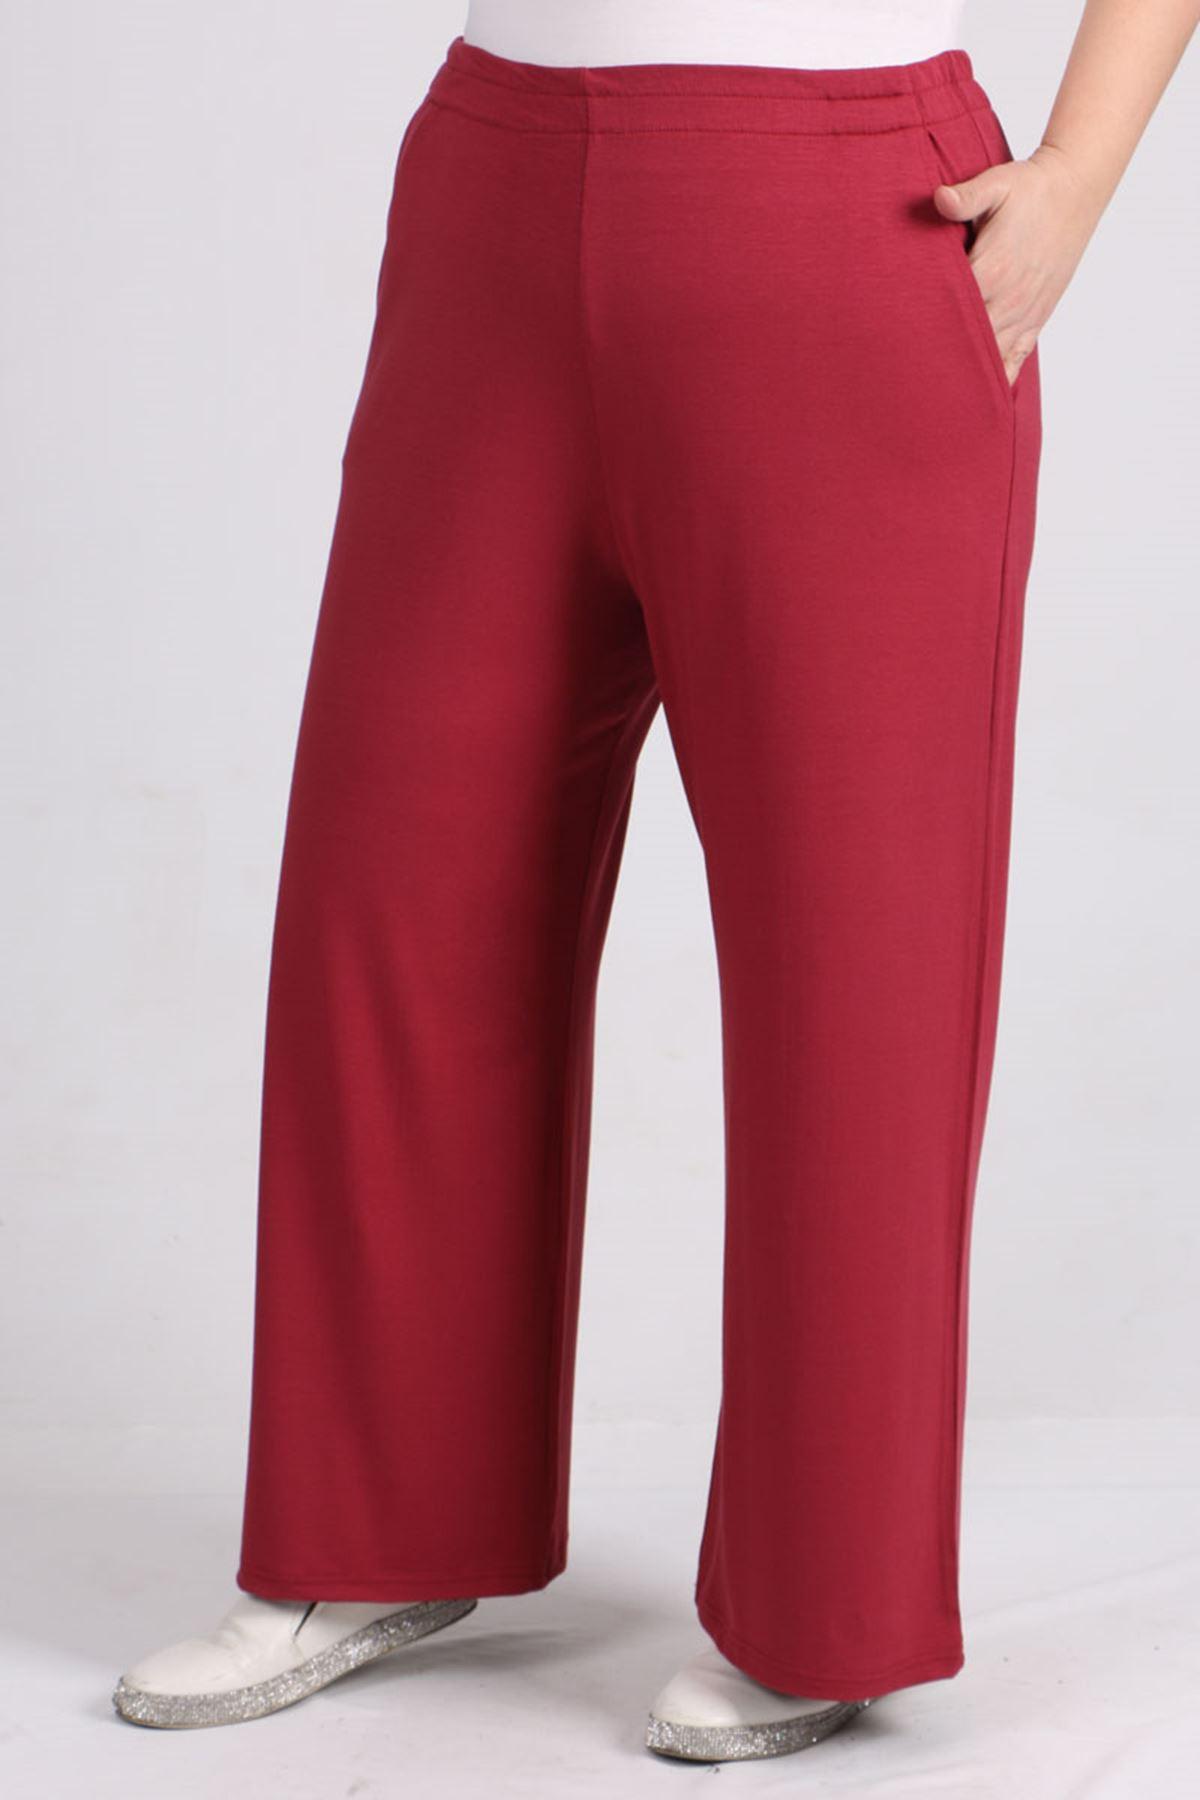 9012 Büyük Beden Beli Lastikli Penye Pantolon -Koyu Gül